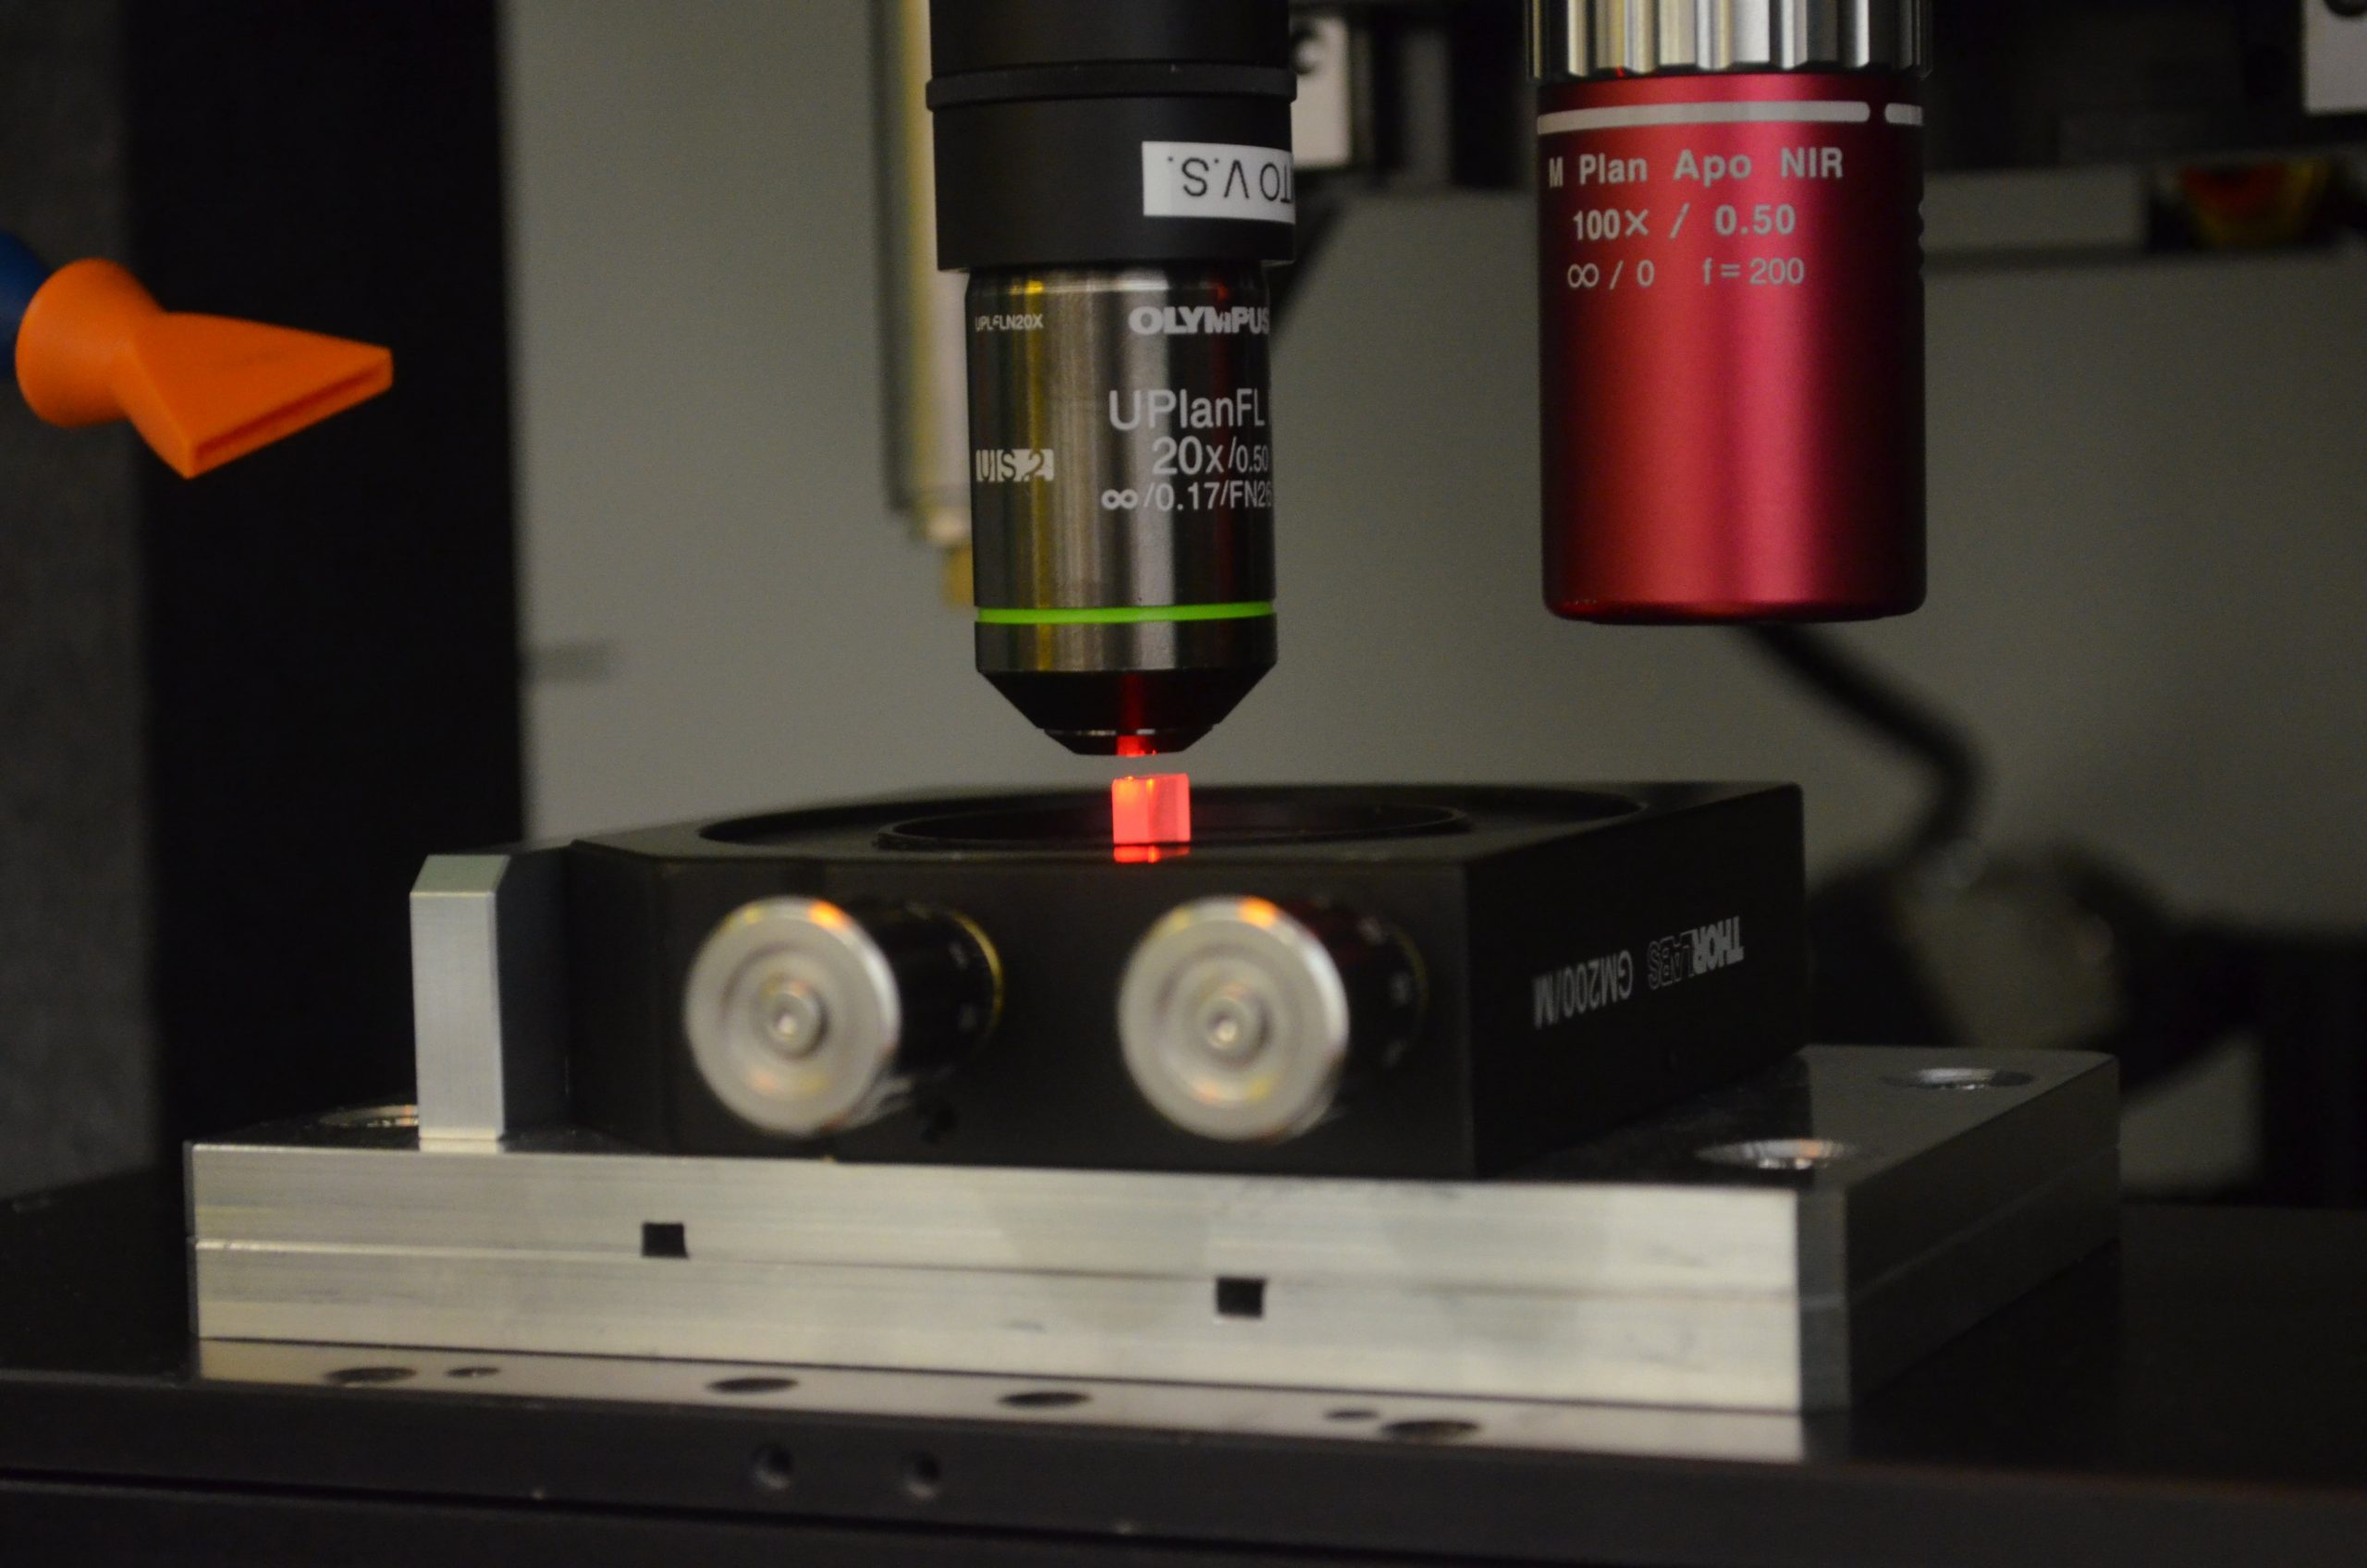 Stiklo lazerinis apdirbimas. Laser glass processing